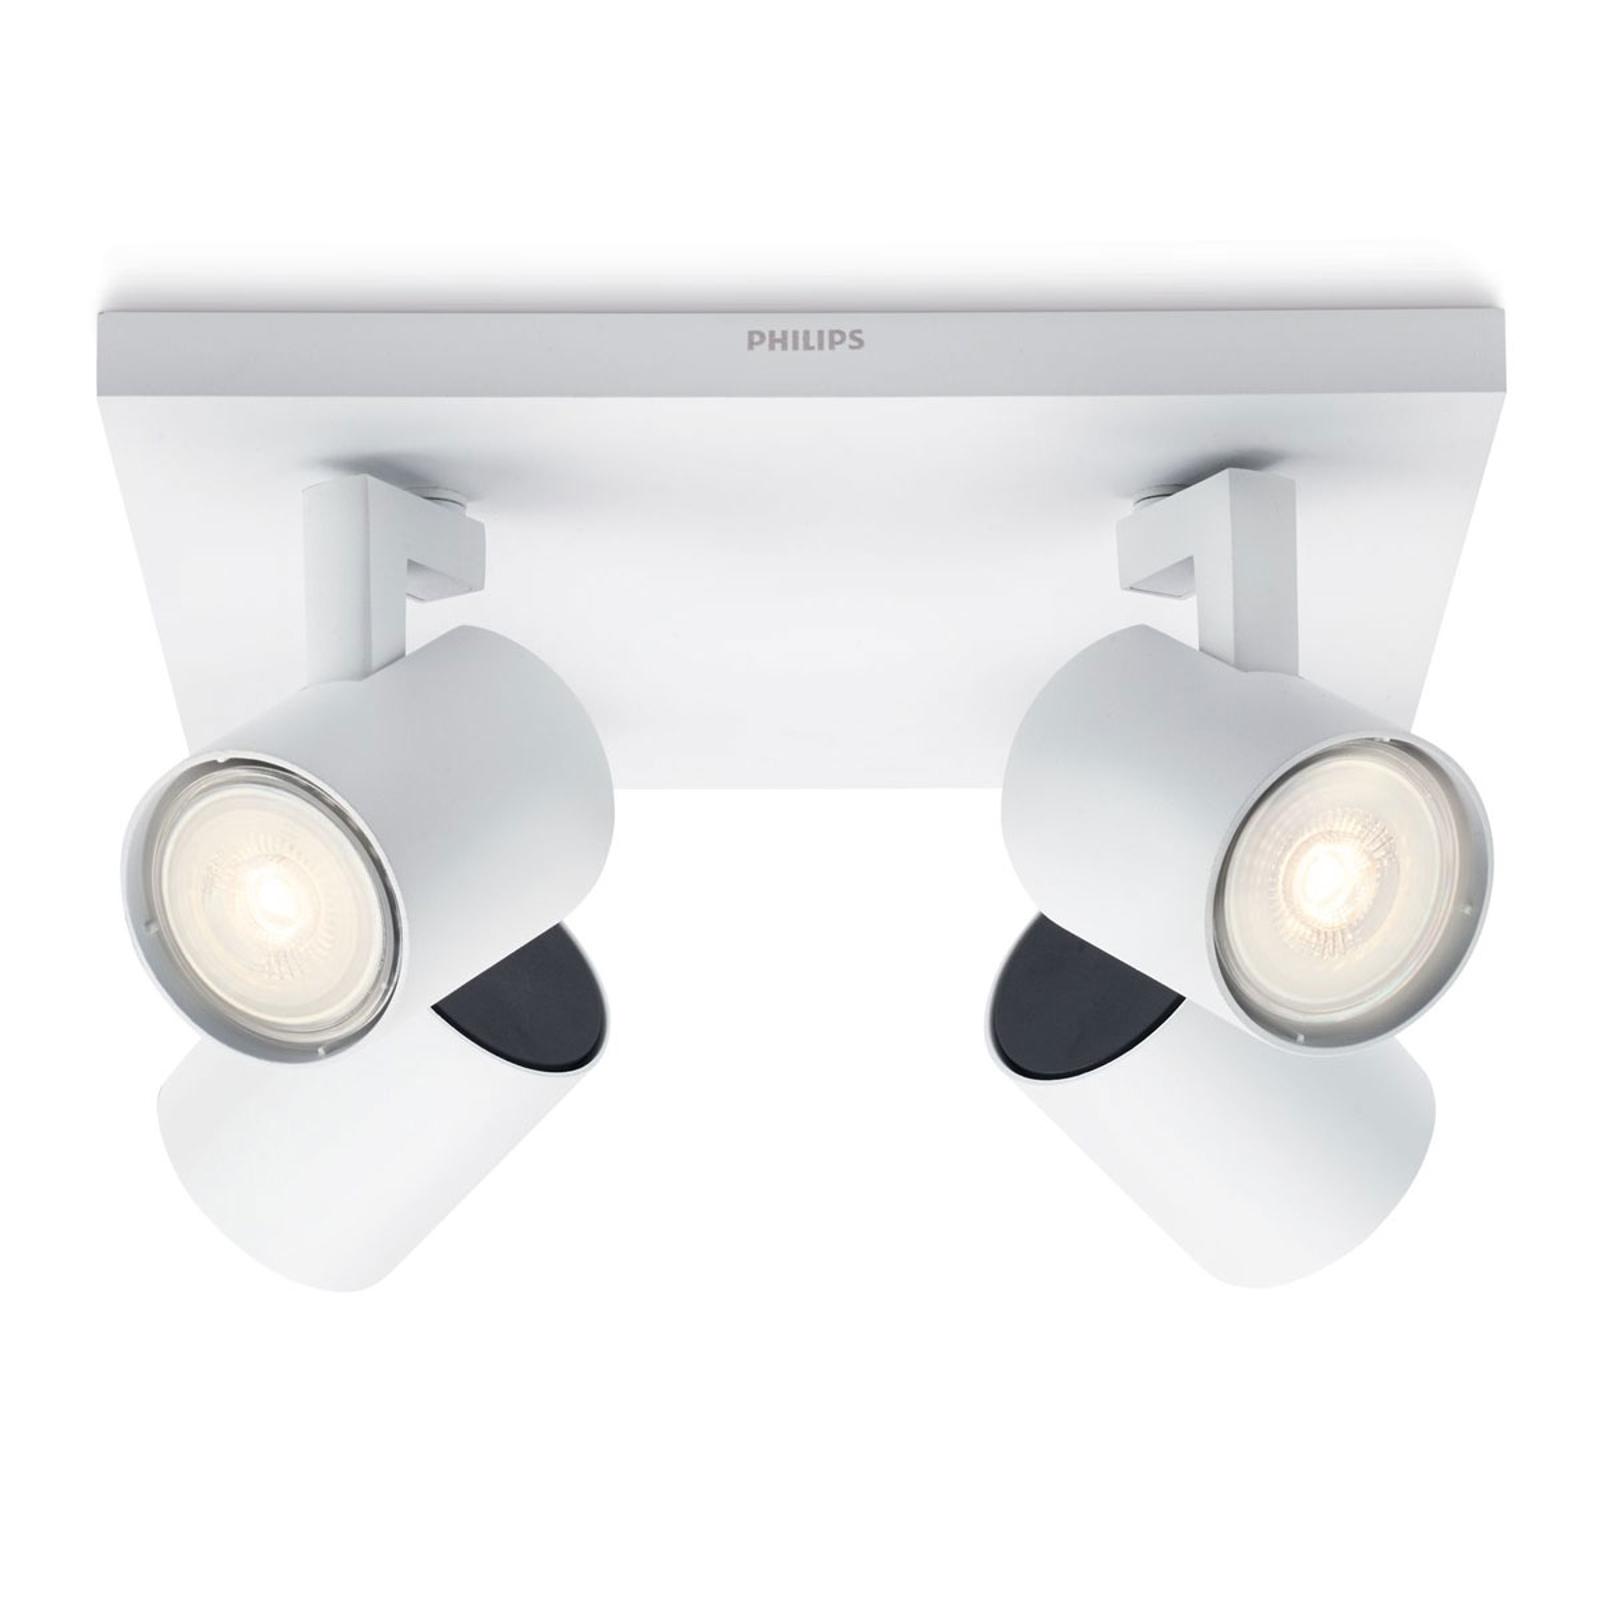 Philips Runner LED-taklampe hvit 4 lyskilder